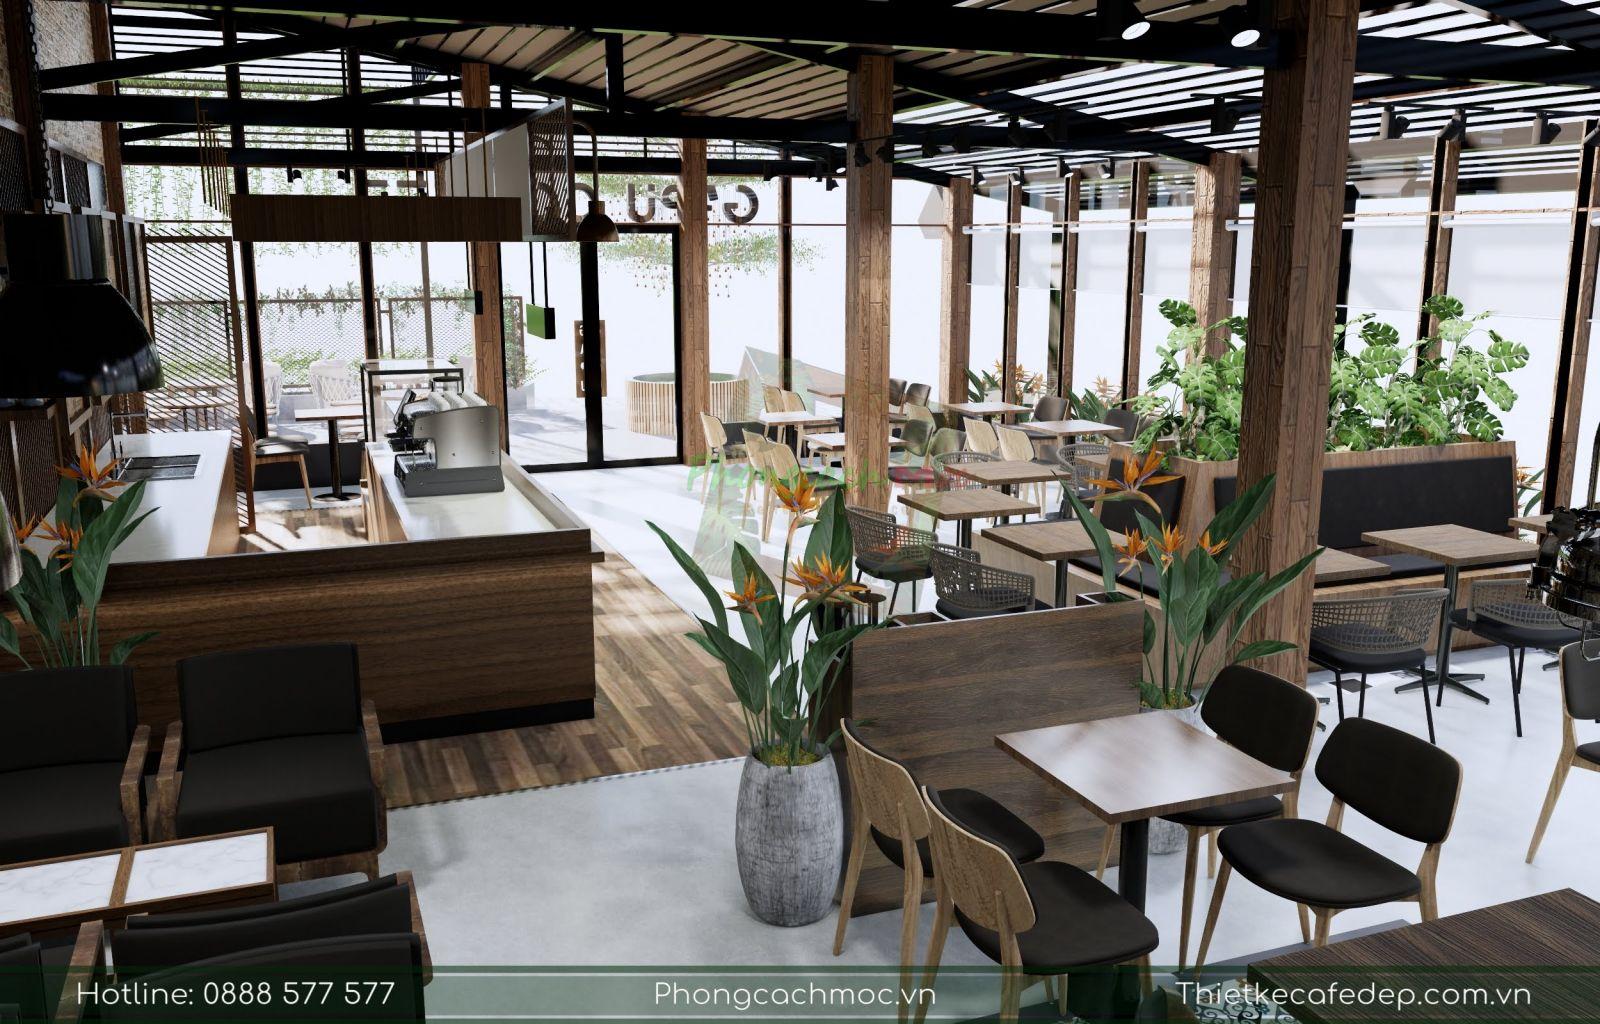 thiết kế khu vực quầy bar phục vụ quán cafe 2 mặt tiền tai bình phước